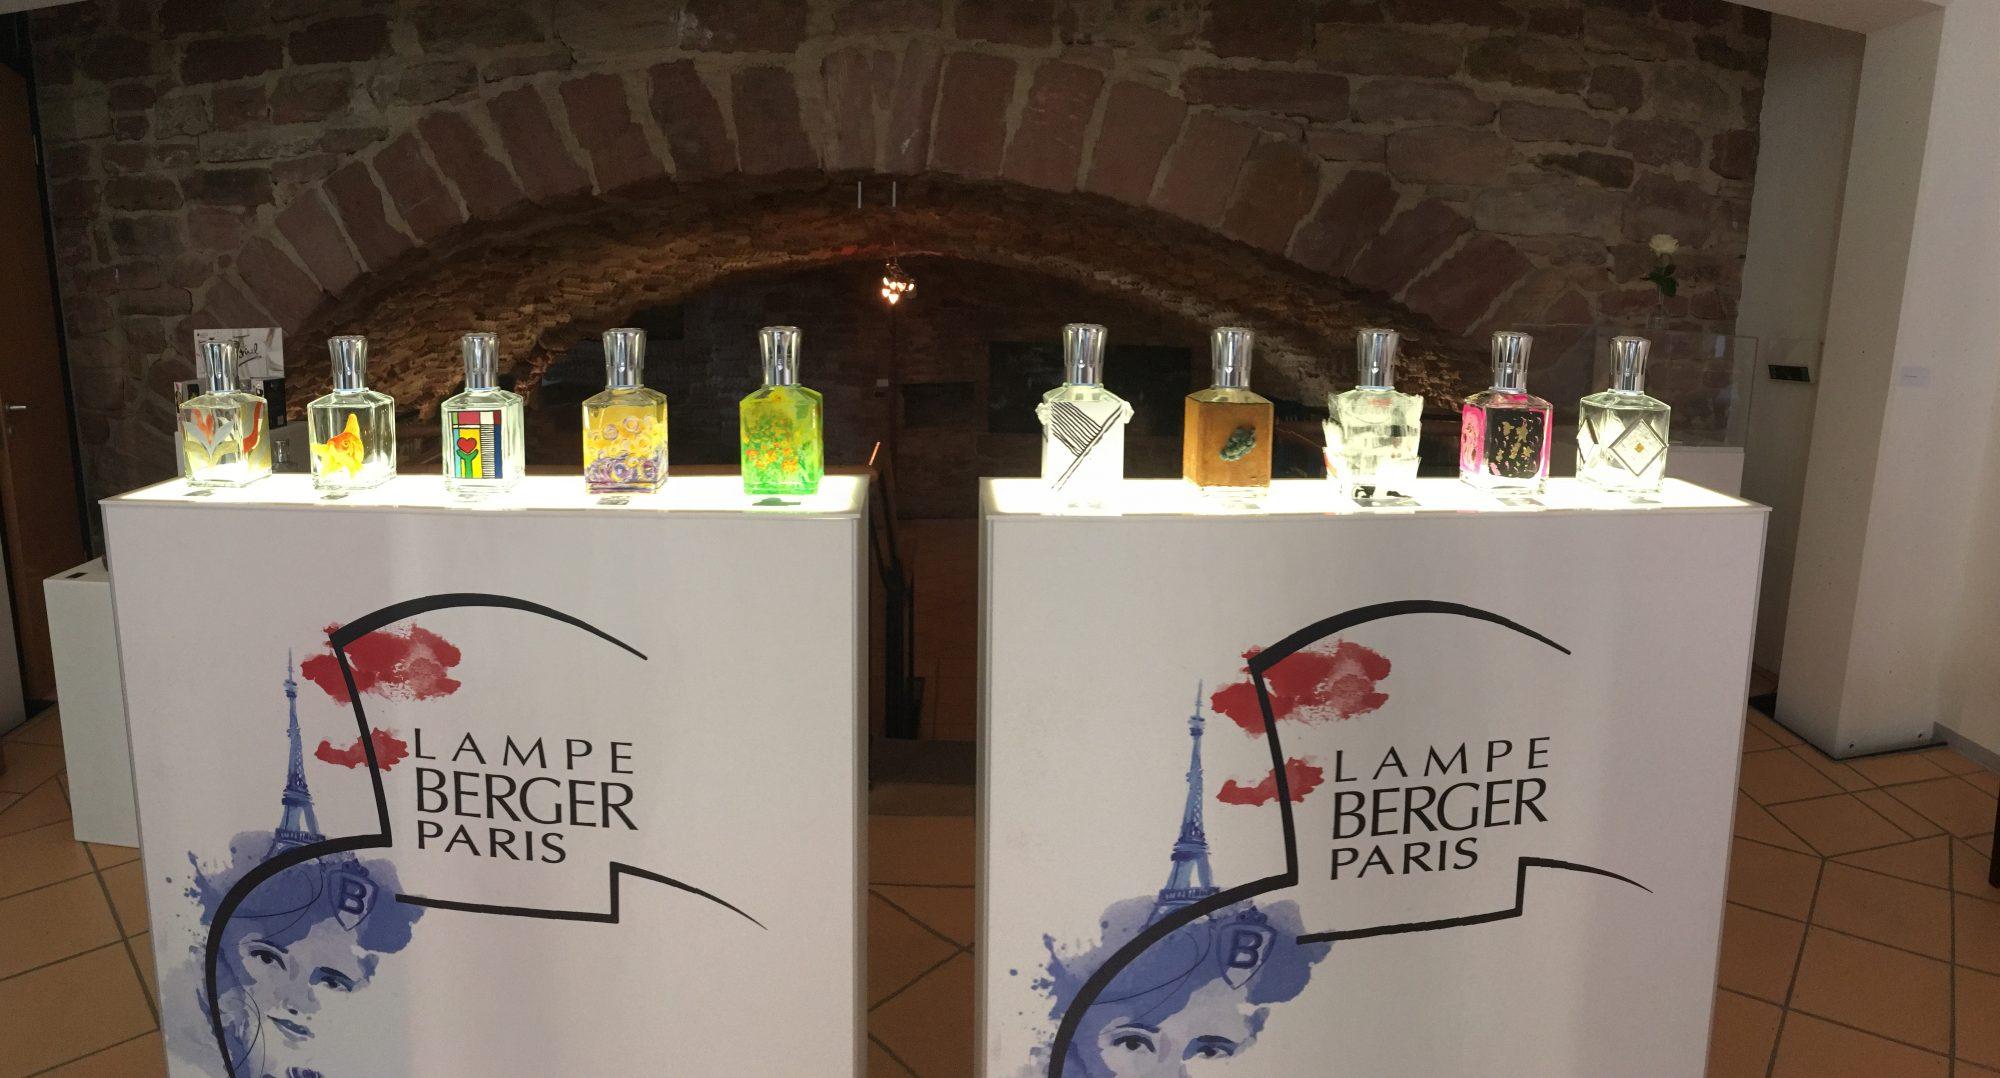 Lampe Berger, Paris